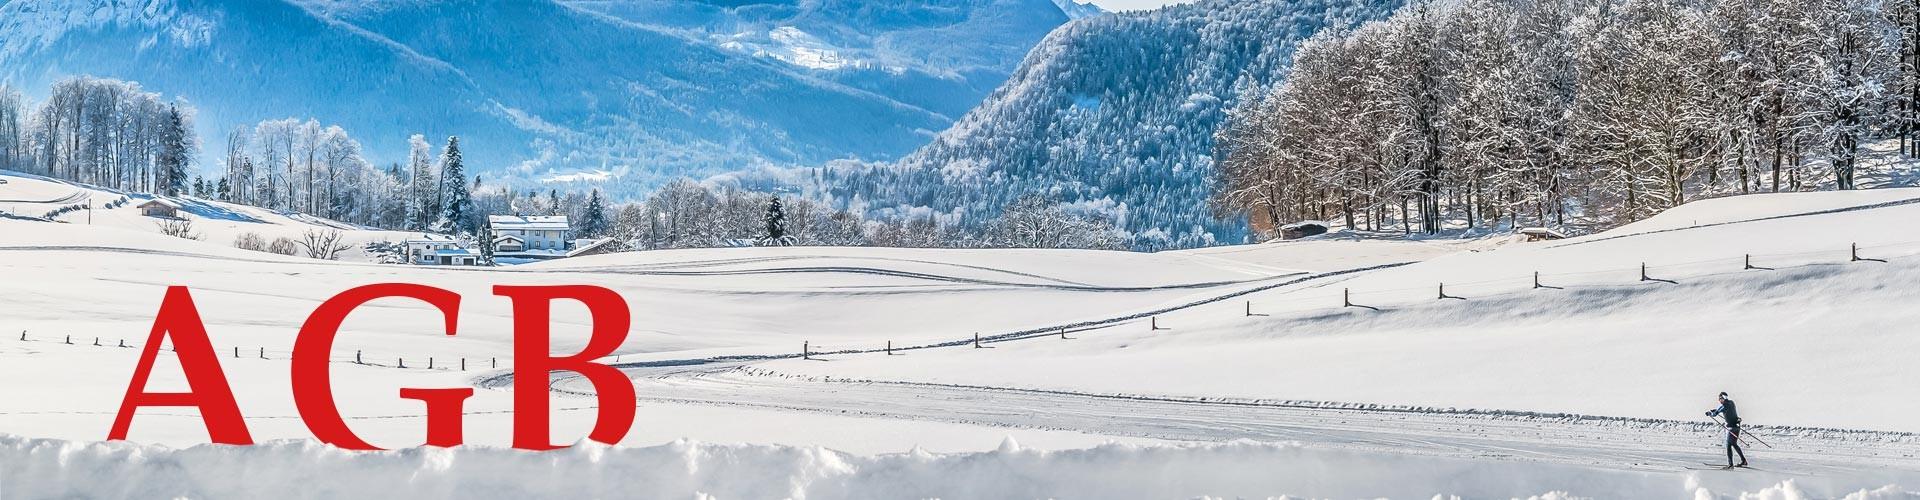 AGB berchtesgaden-online